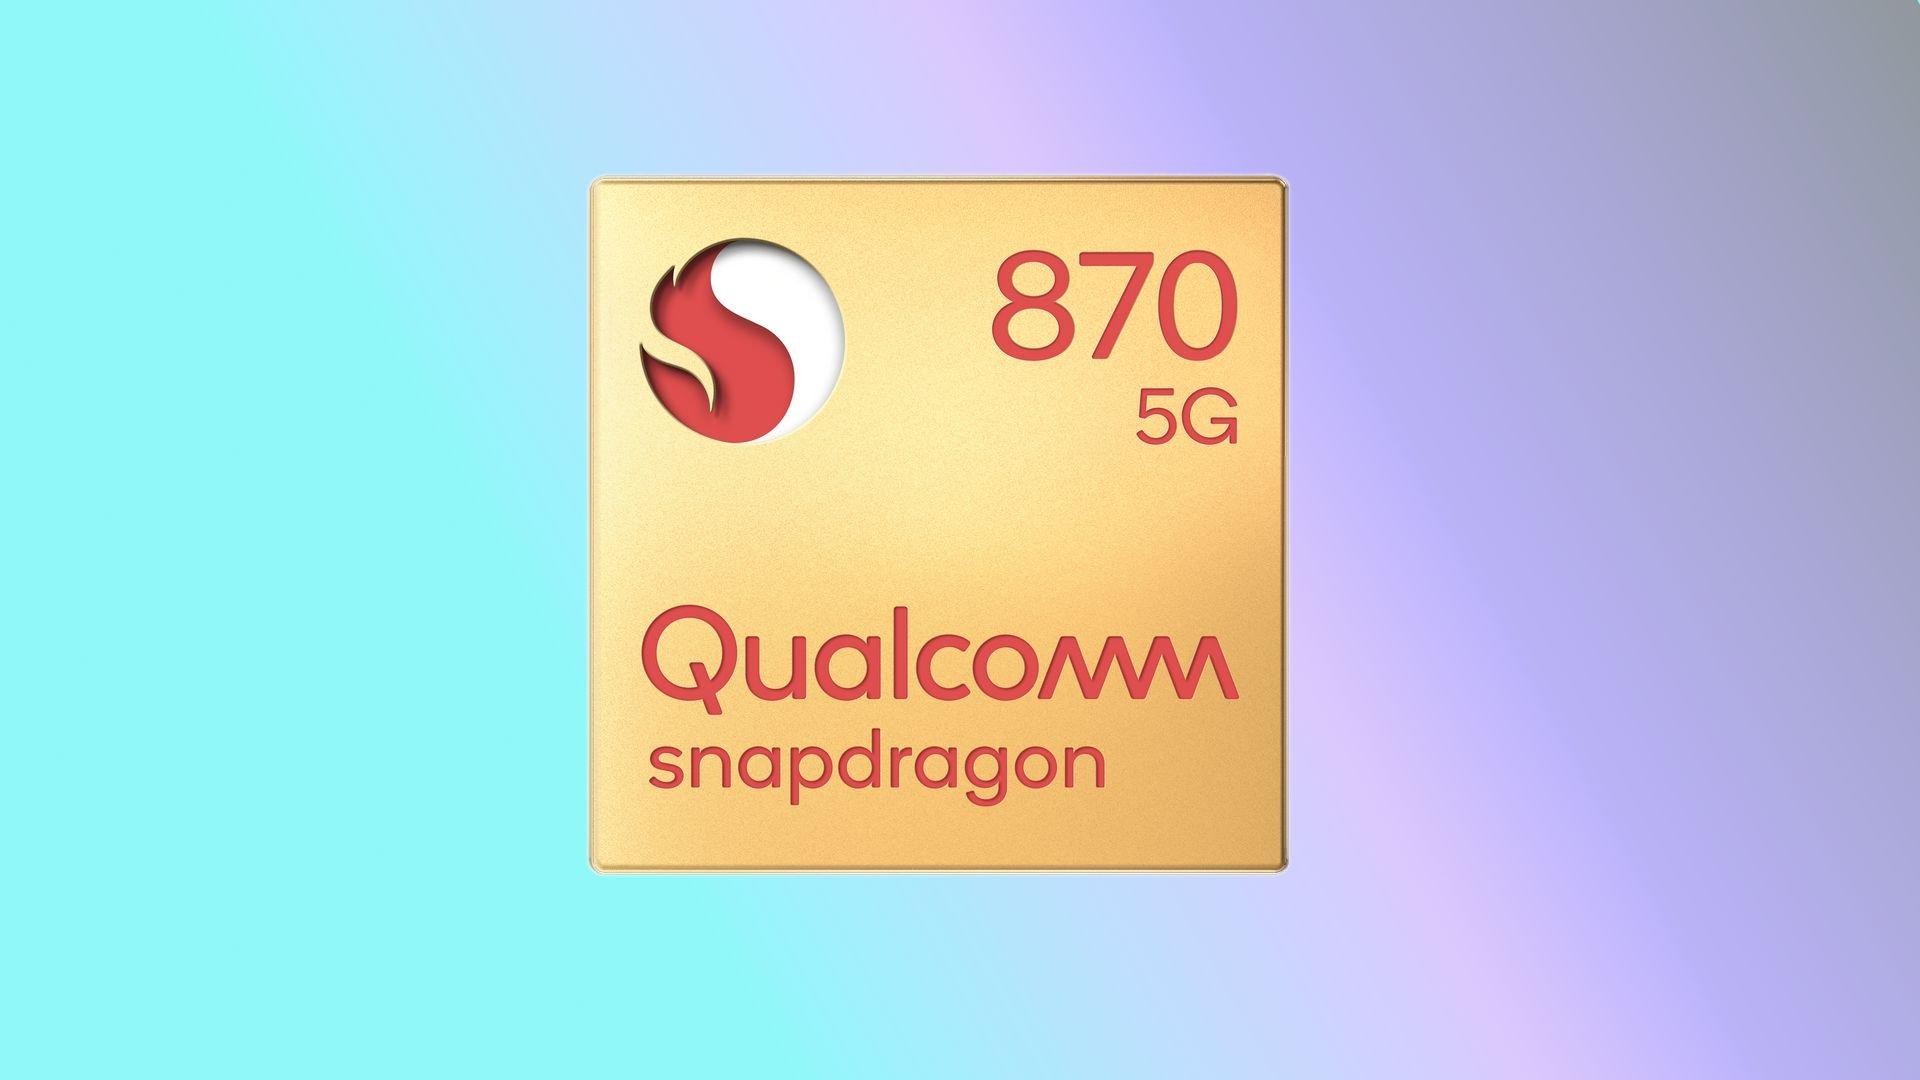 اسنپدراگون ۸۷۰ با لیتوگرافی ۷ نانومتری و بالاترین فرکانس در دنیای موبایل معرفی شد